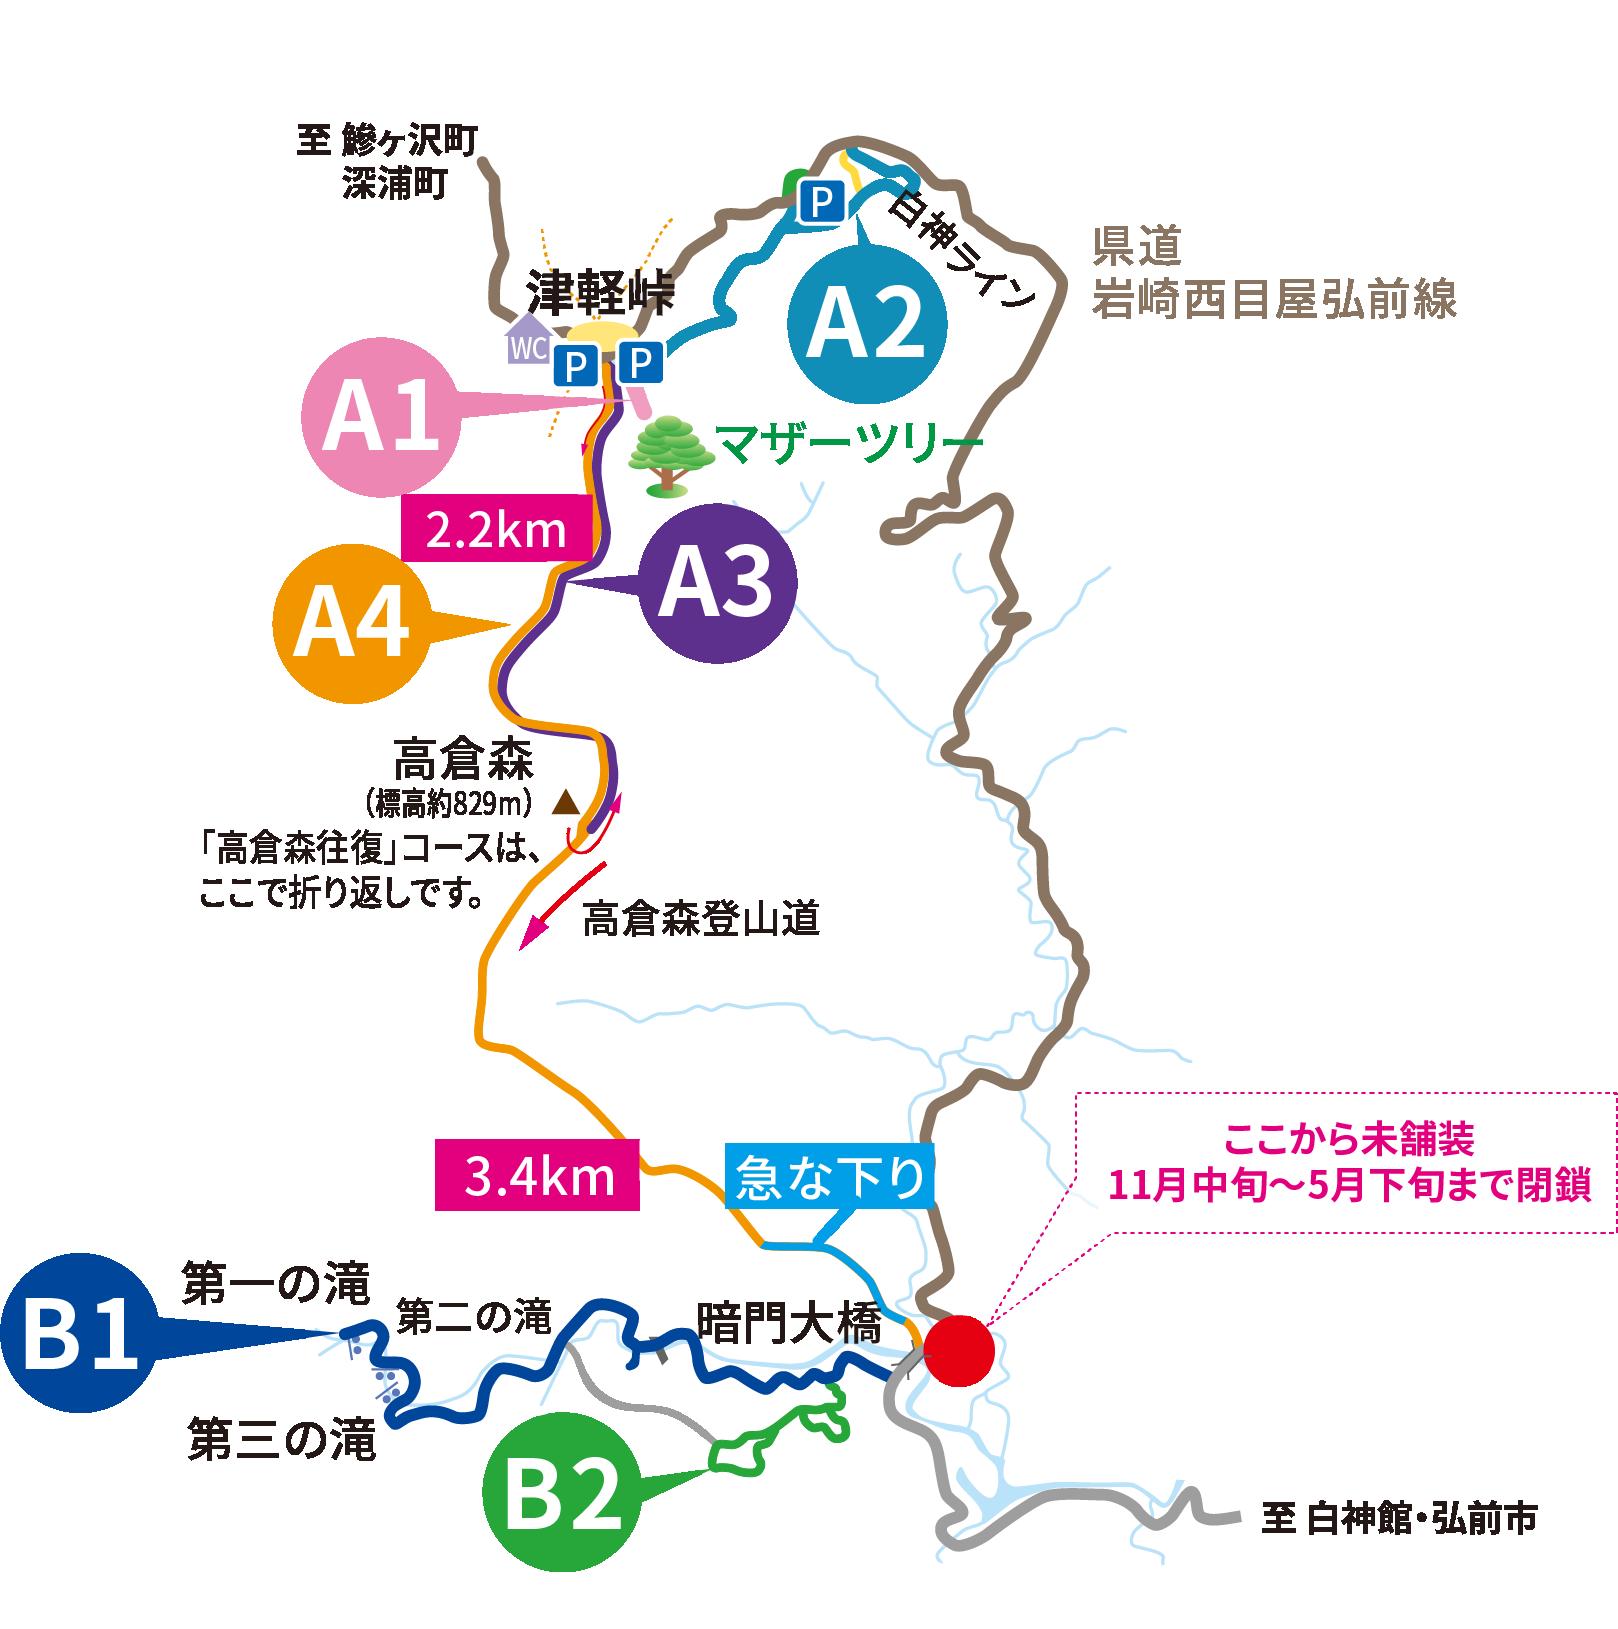 白神山地トレッキングマップ